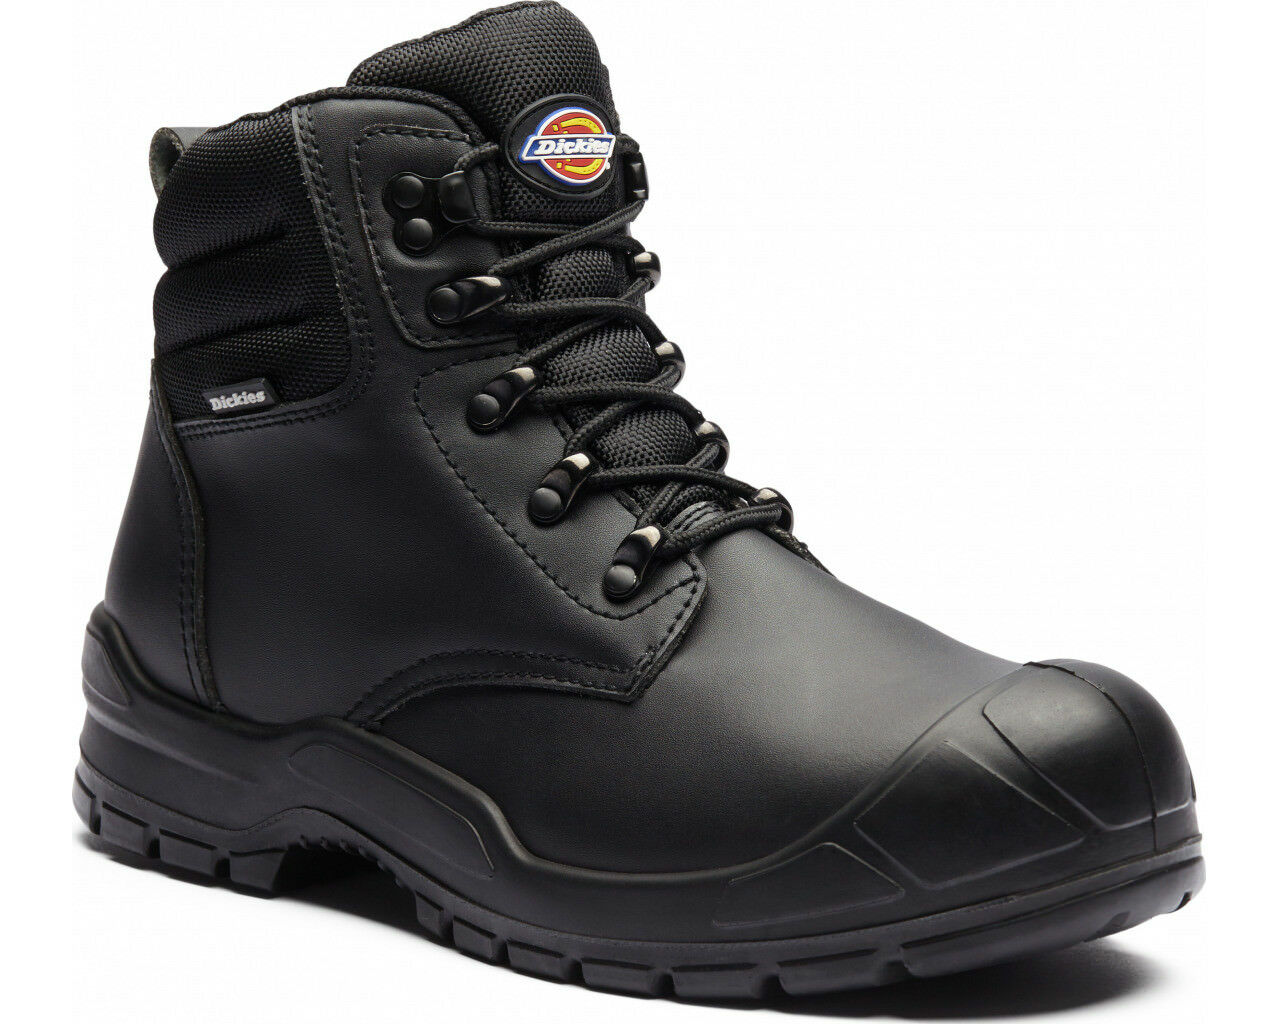 Dickies Trenton Scarpe Sicurezza Punta Acciaio Uomini Industriale da da da Lavoro | Di Qualità Superiore  | Uomo/Donne Scarpa  71baa9